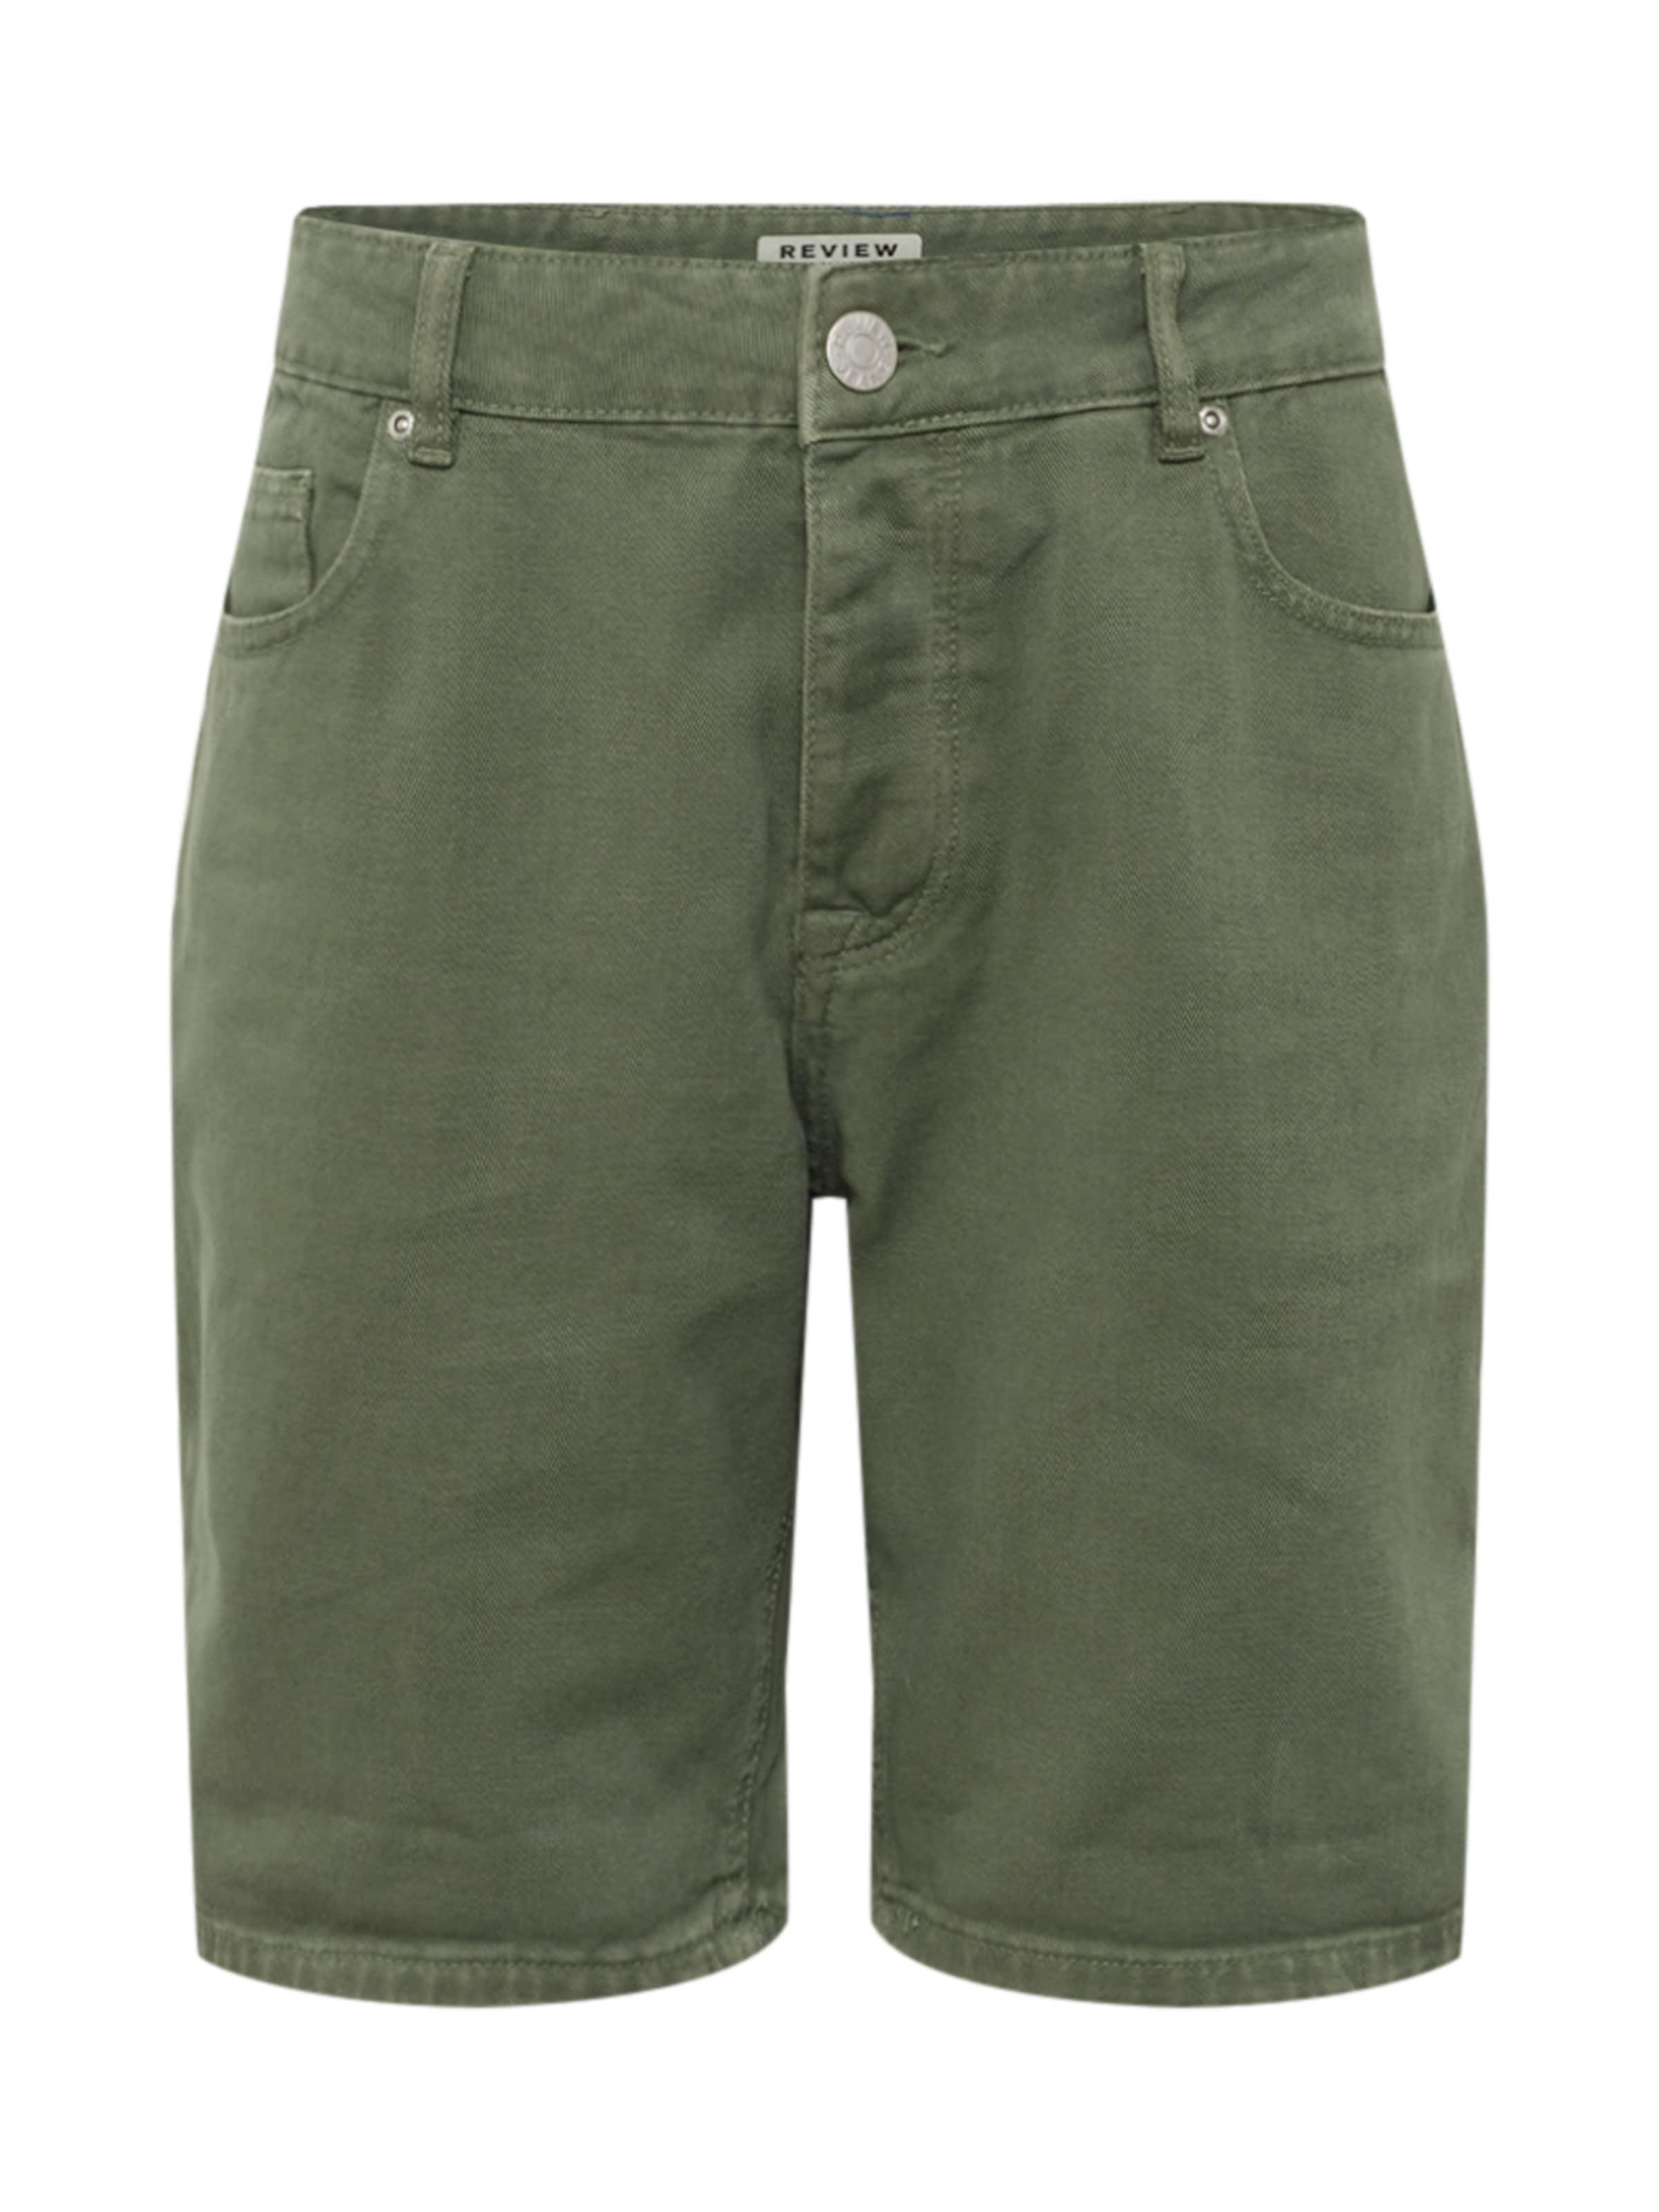 Pantalon Pantalon En Review Review Olive Review Pantalon Olive En qwYgw4